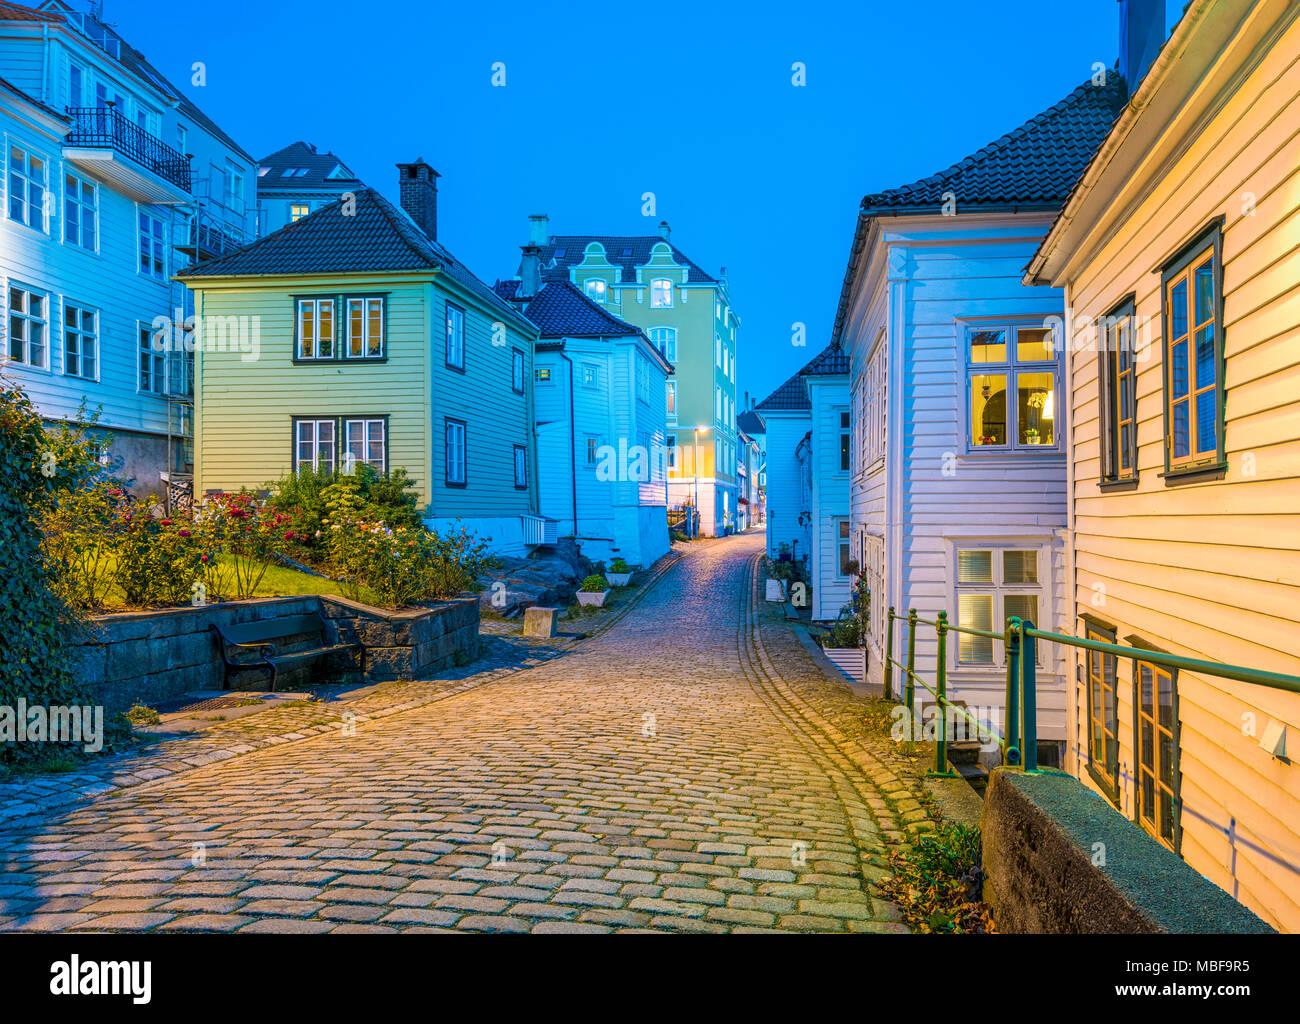 Bergen Norvège, vieille ville rue pavée et maisons en bois dans la nuit Photo Stock